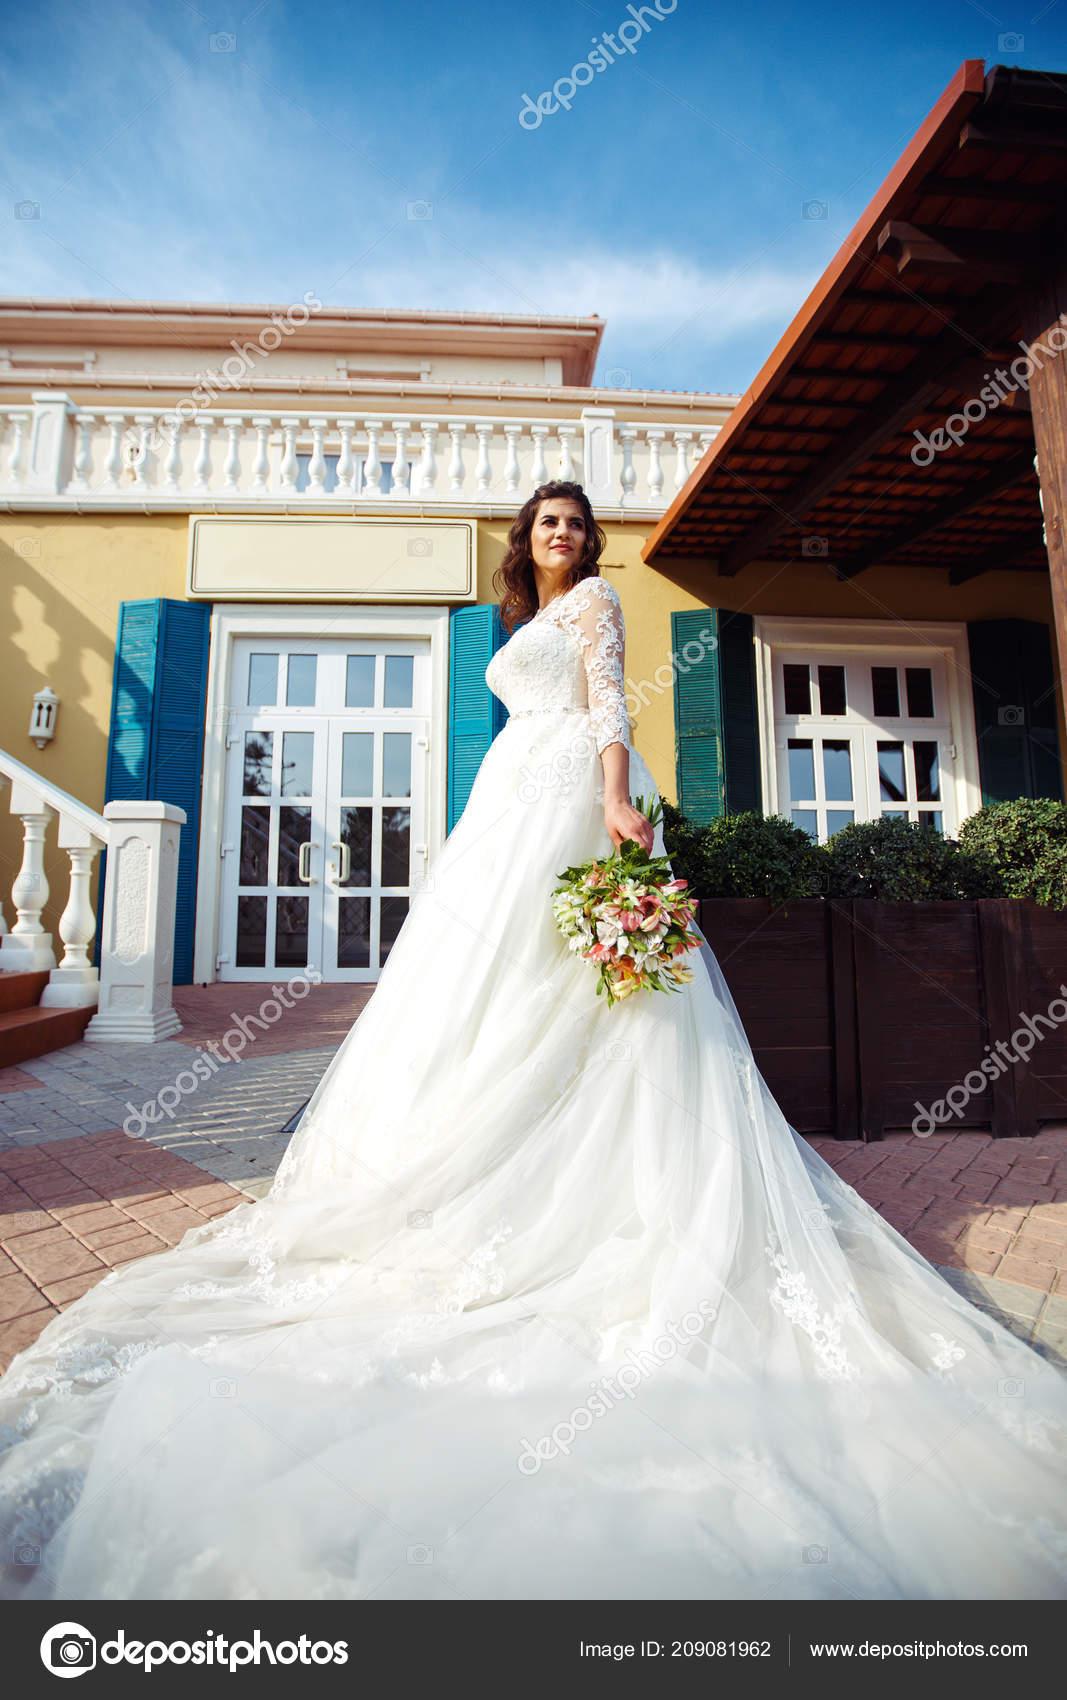 Eine Schone Braut Weissen Hochzeitskleid Geniesst Den Moment Gegen Die